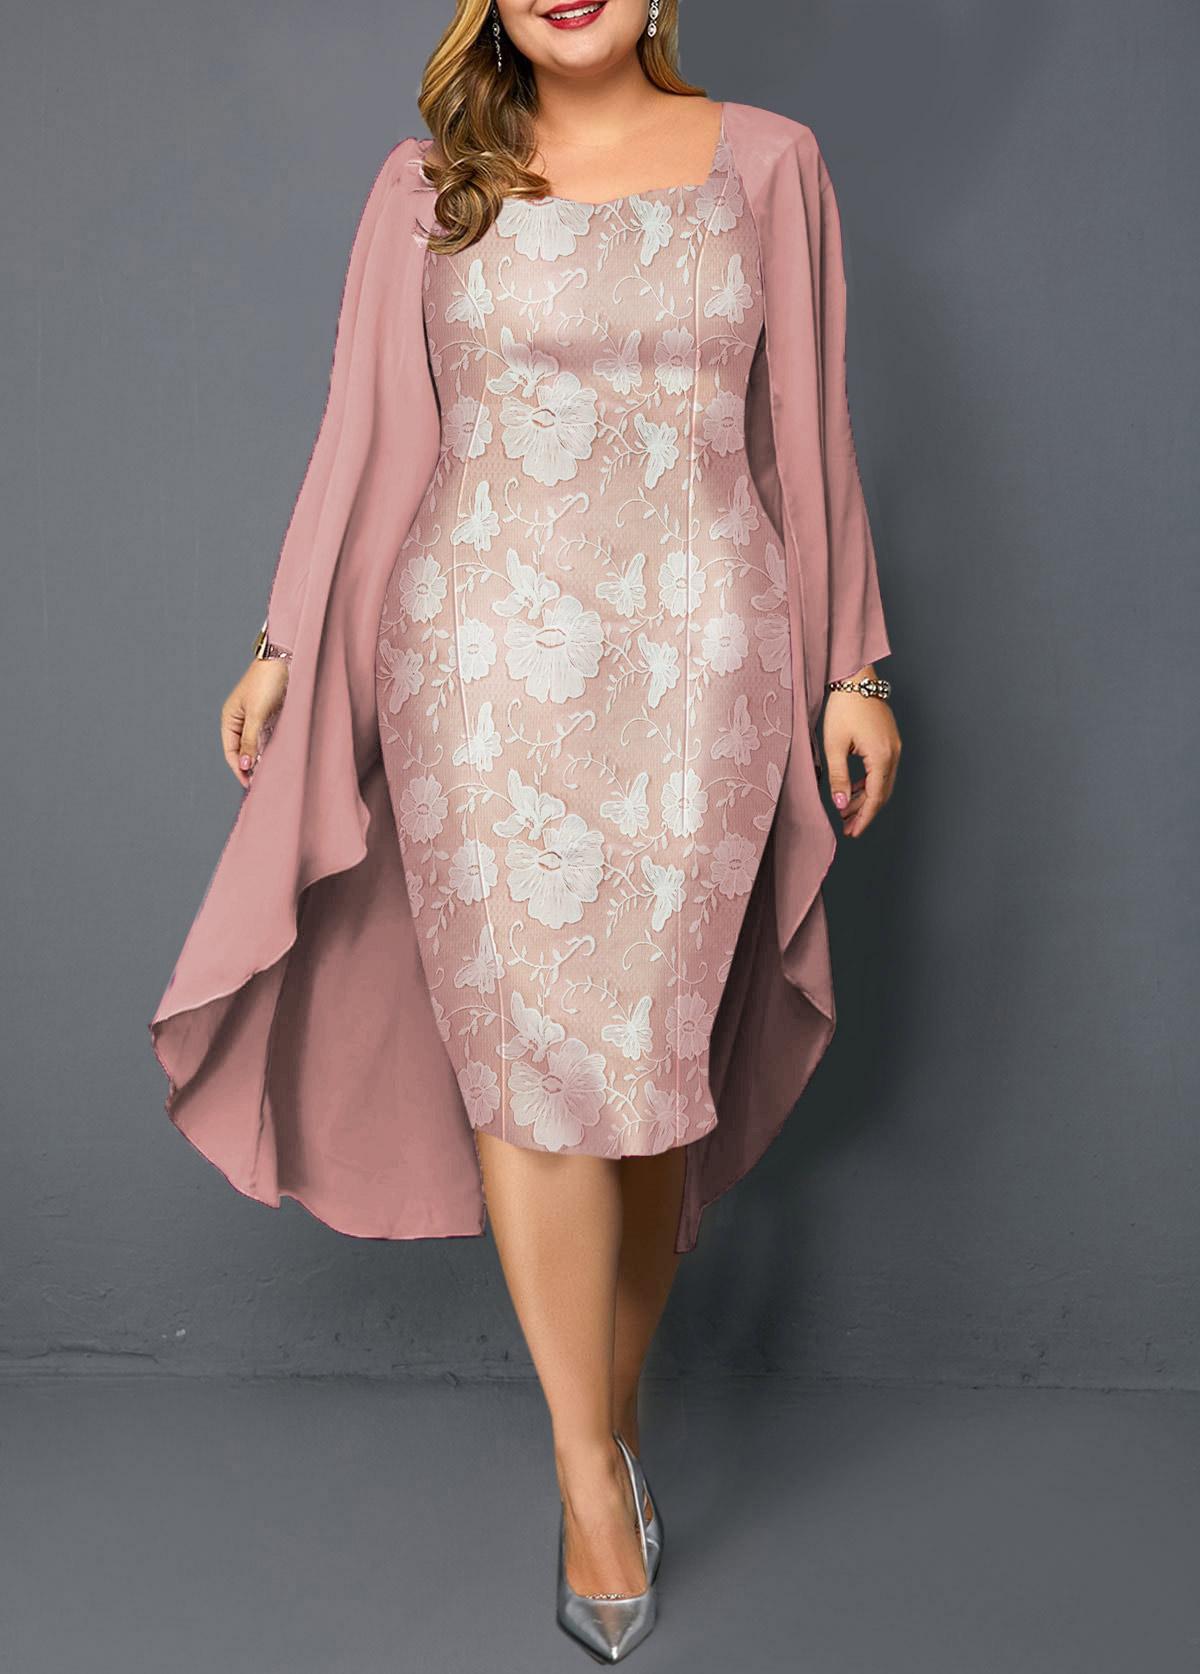 Plus Size Pink Chiffon Cardigan and Sheath Dress